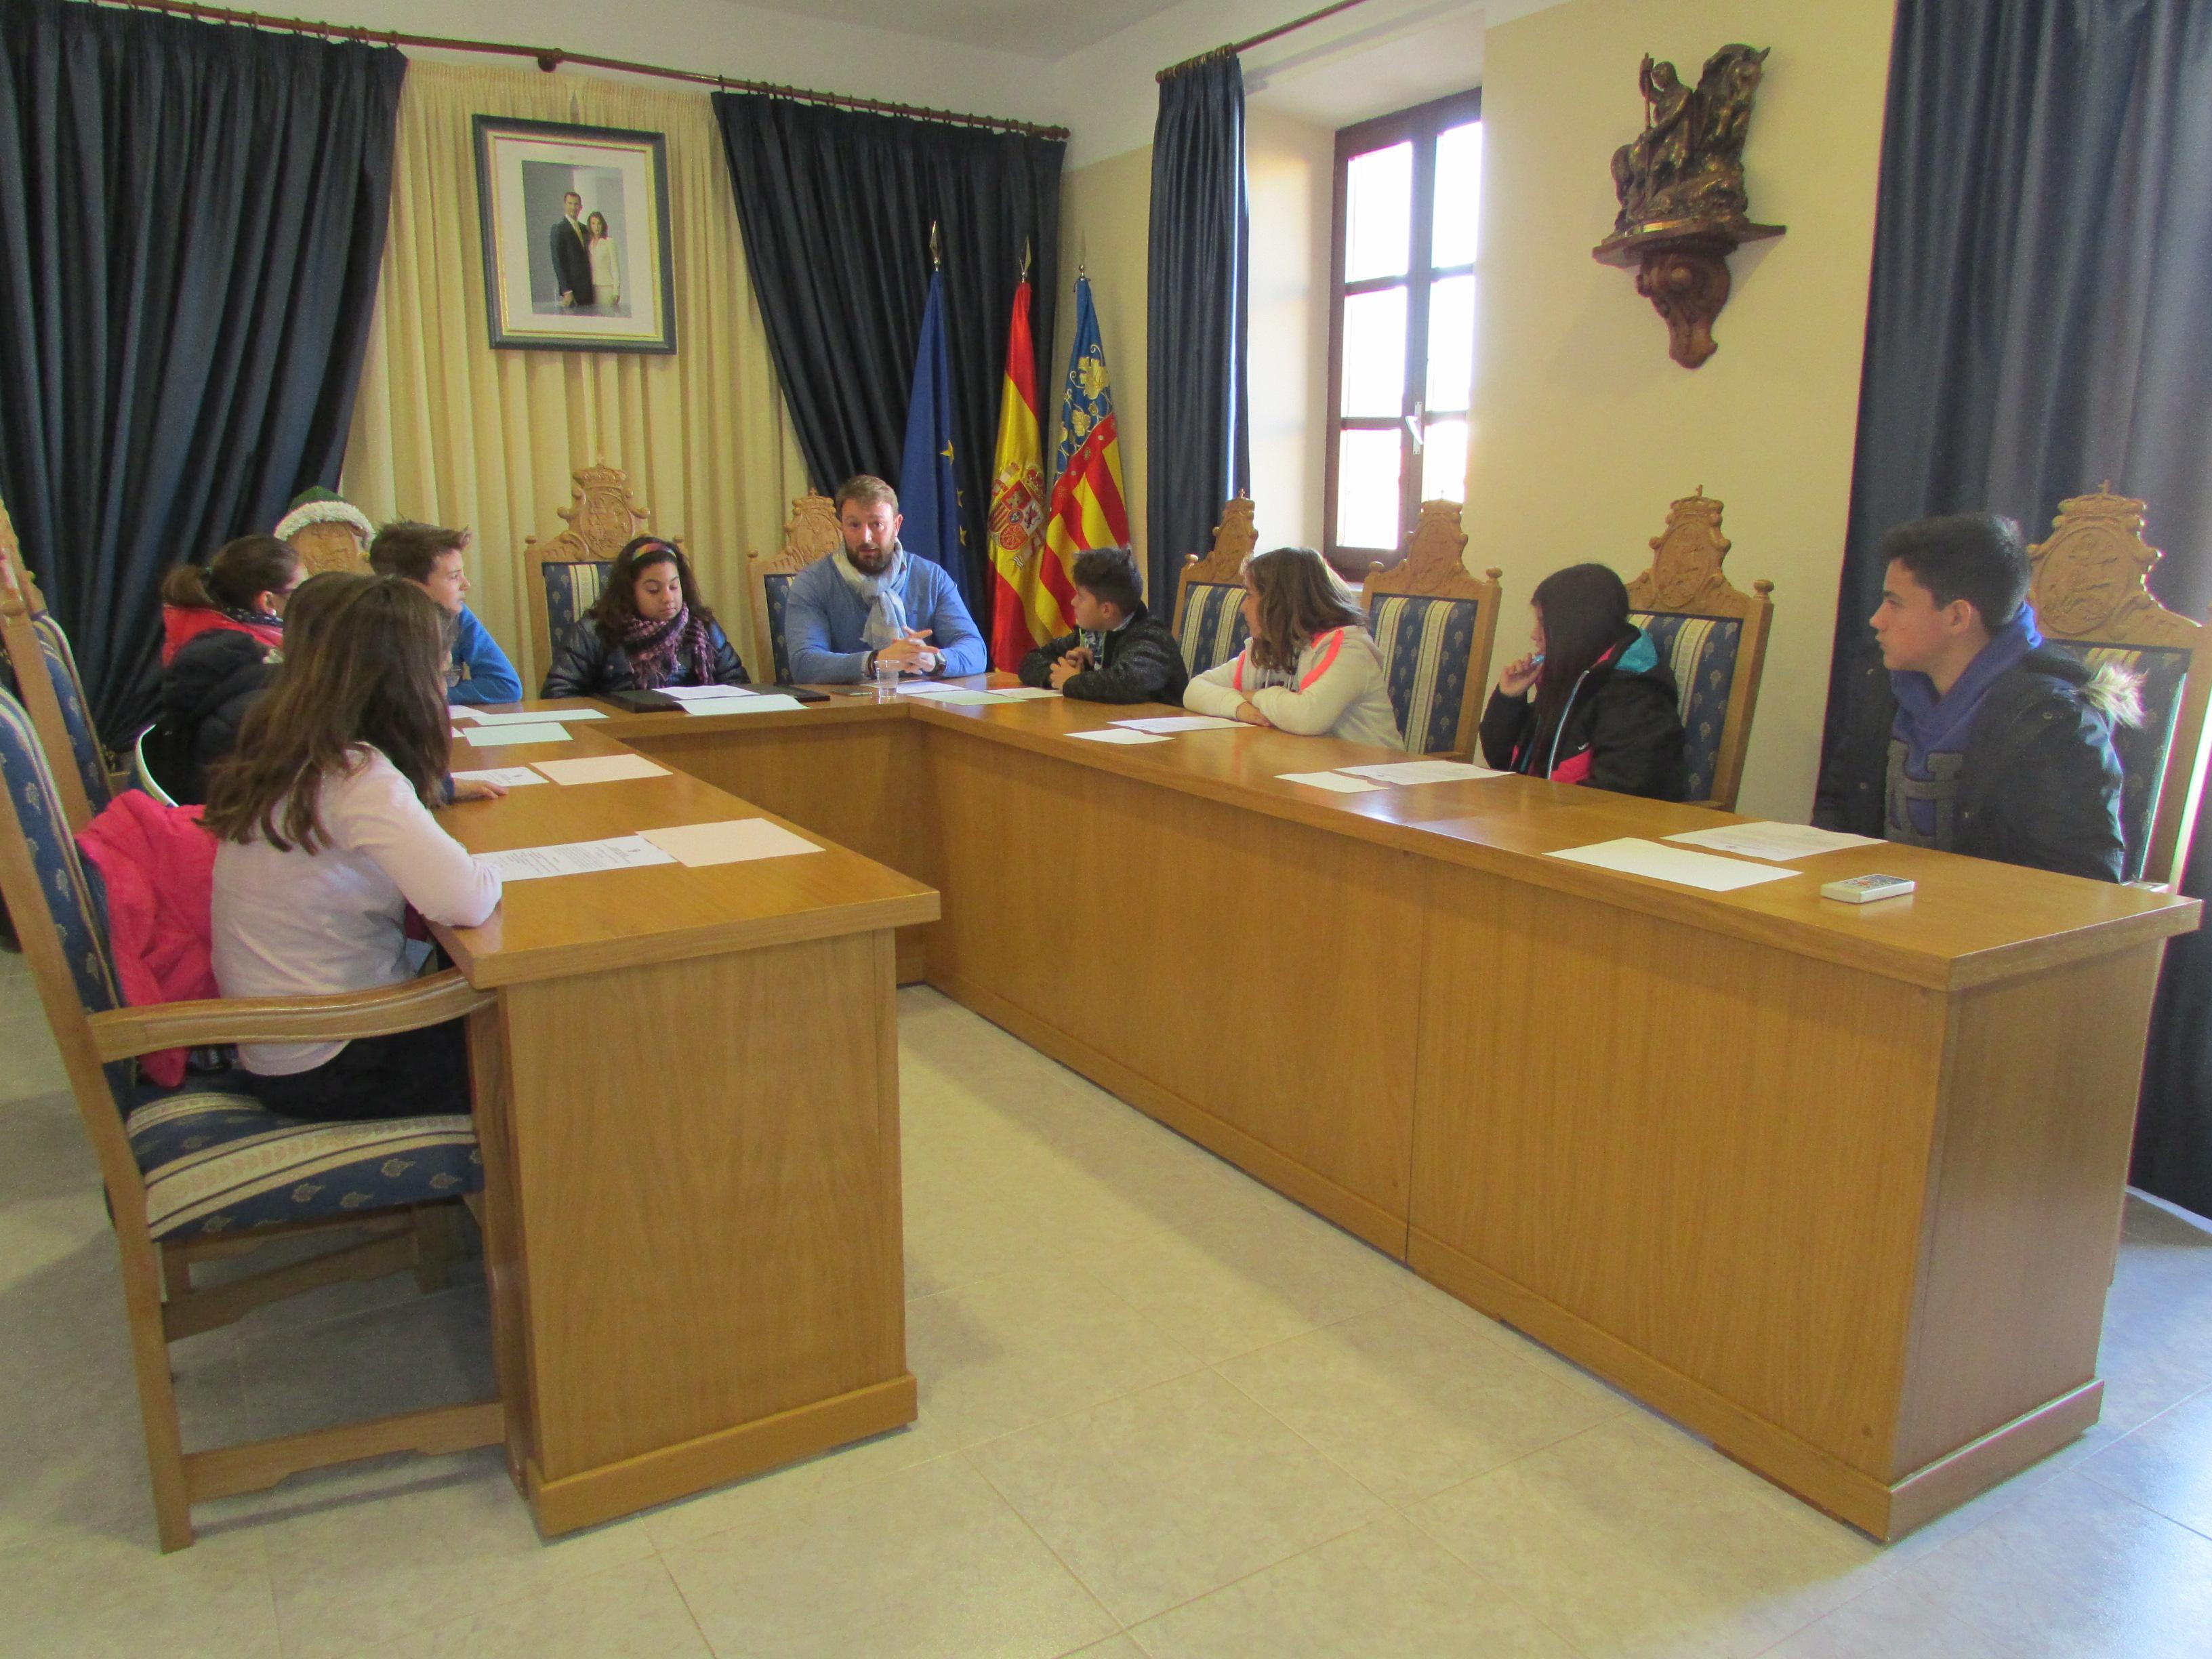 Sant Jordi pagarà el material escolar els alumnes de secundària i cicles formatius